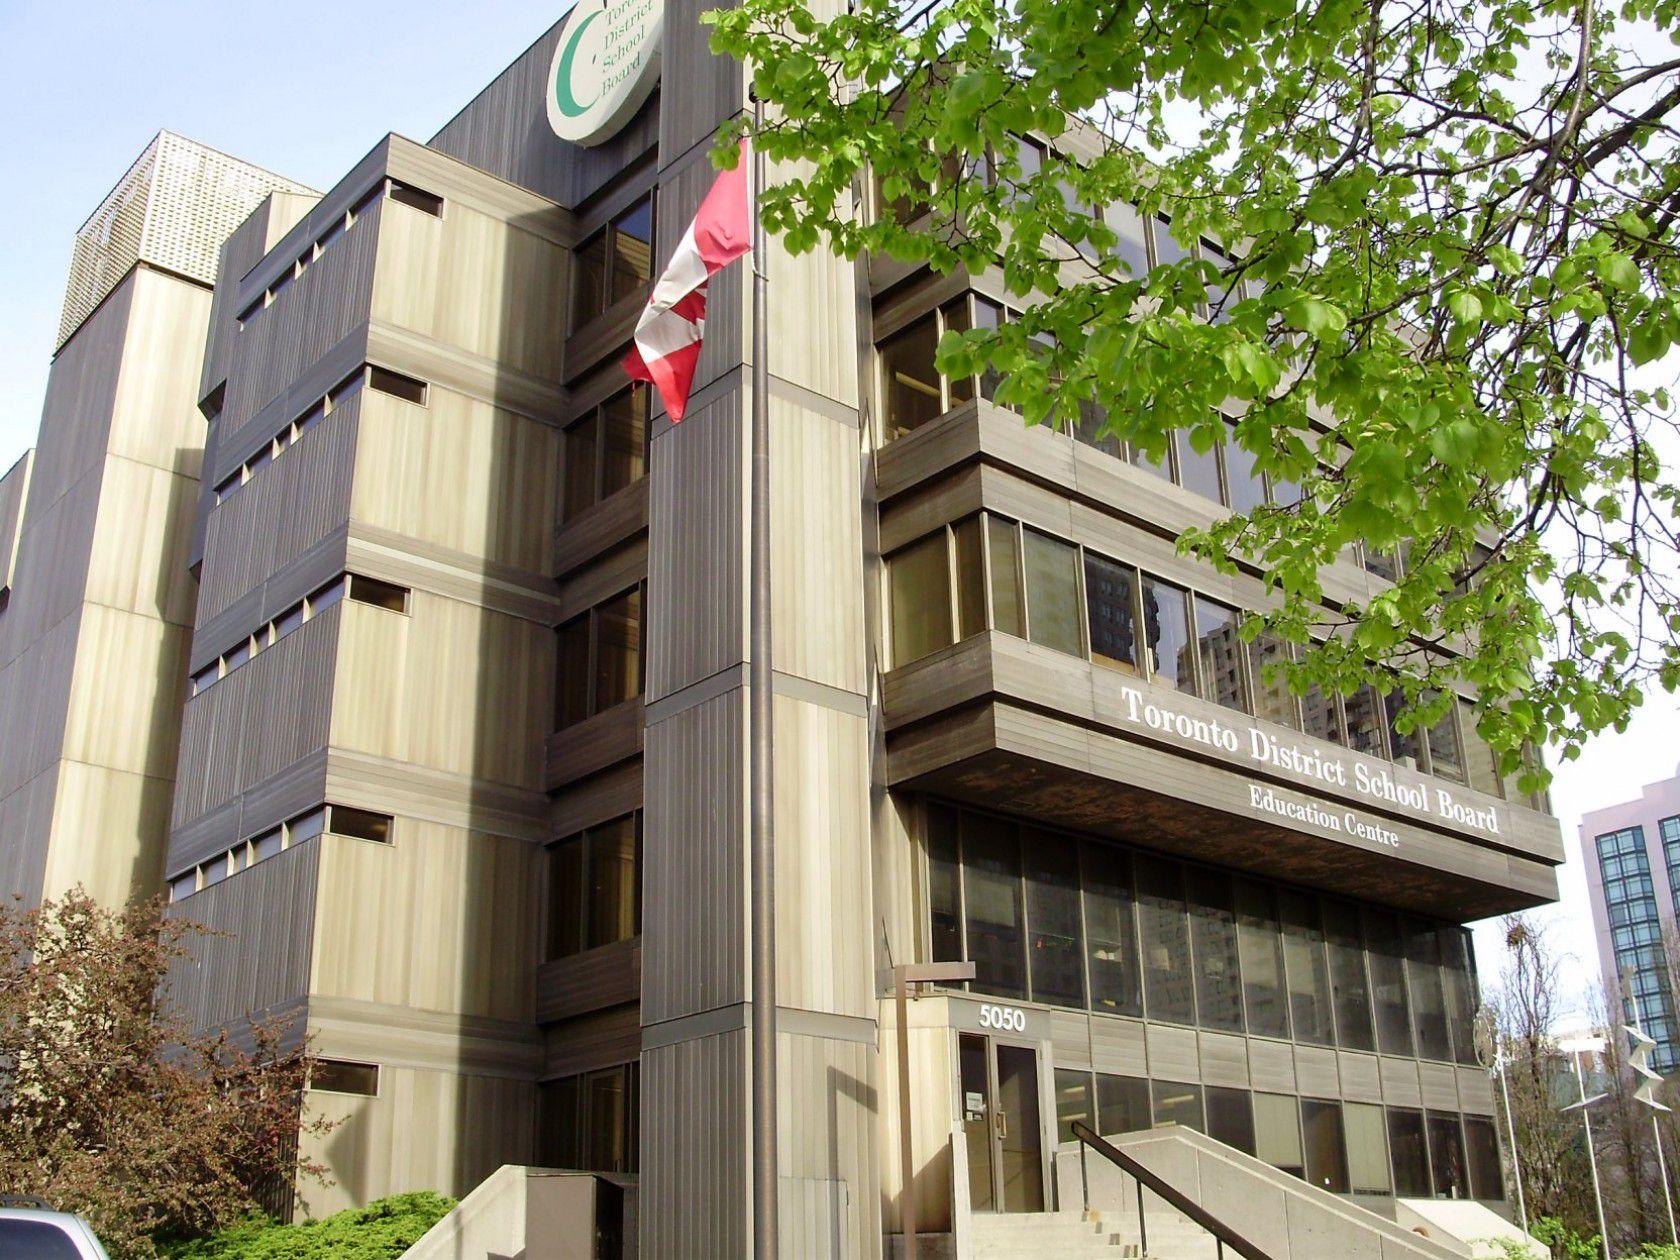 Kanada'da Kolej Eğitimi ve ISEE Sınavı ile Alakalı Detaylar